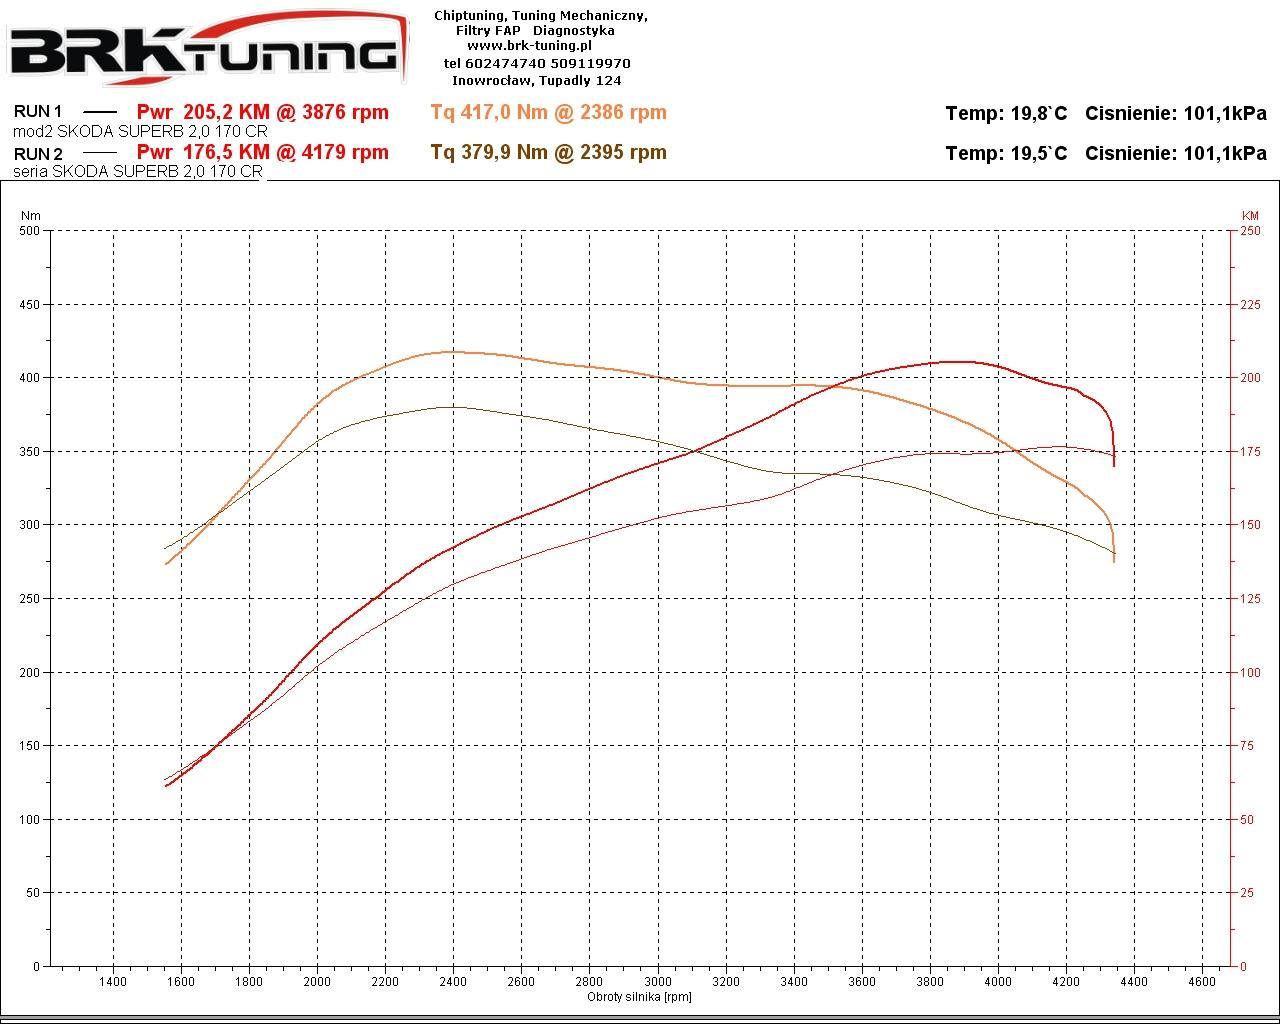 Na wykresie widać przebieg krzywych mocy (KM) i momentu (Nm) po chiptuningu